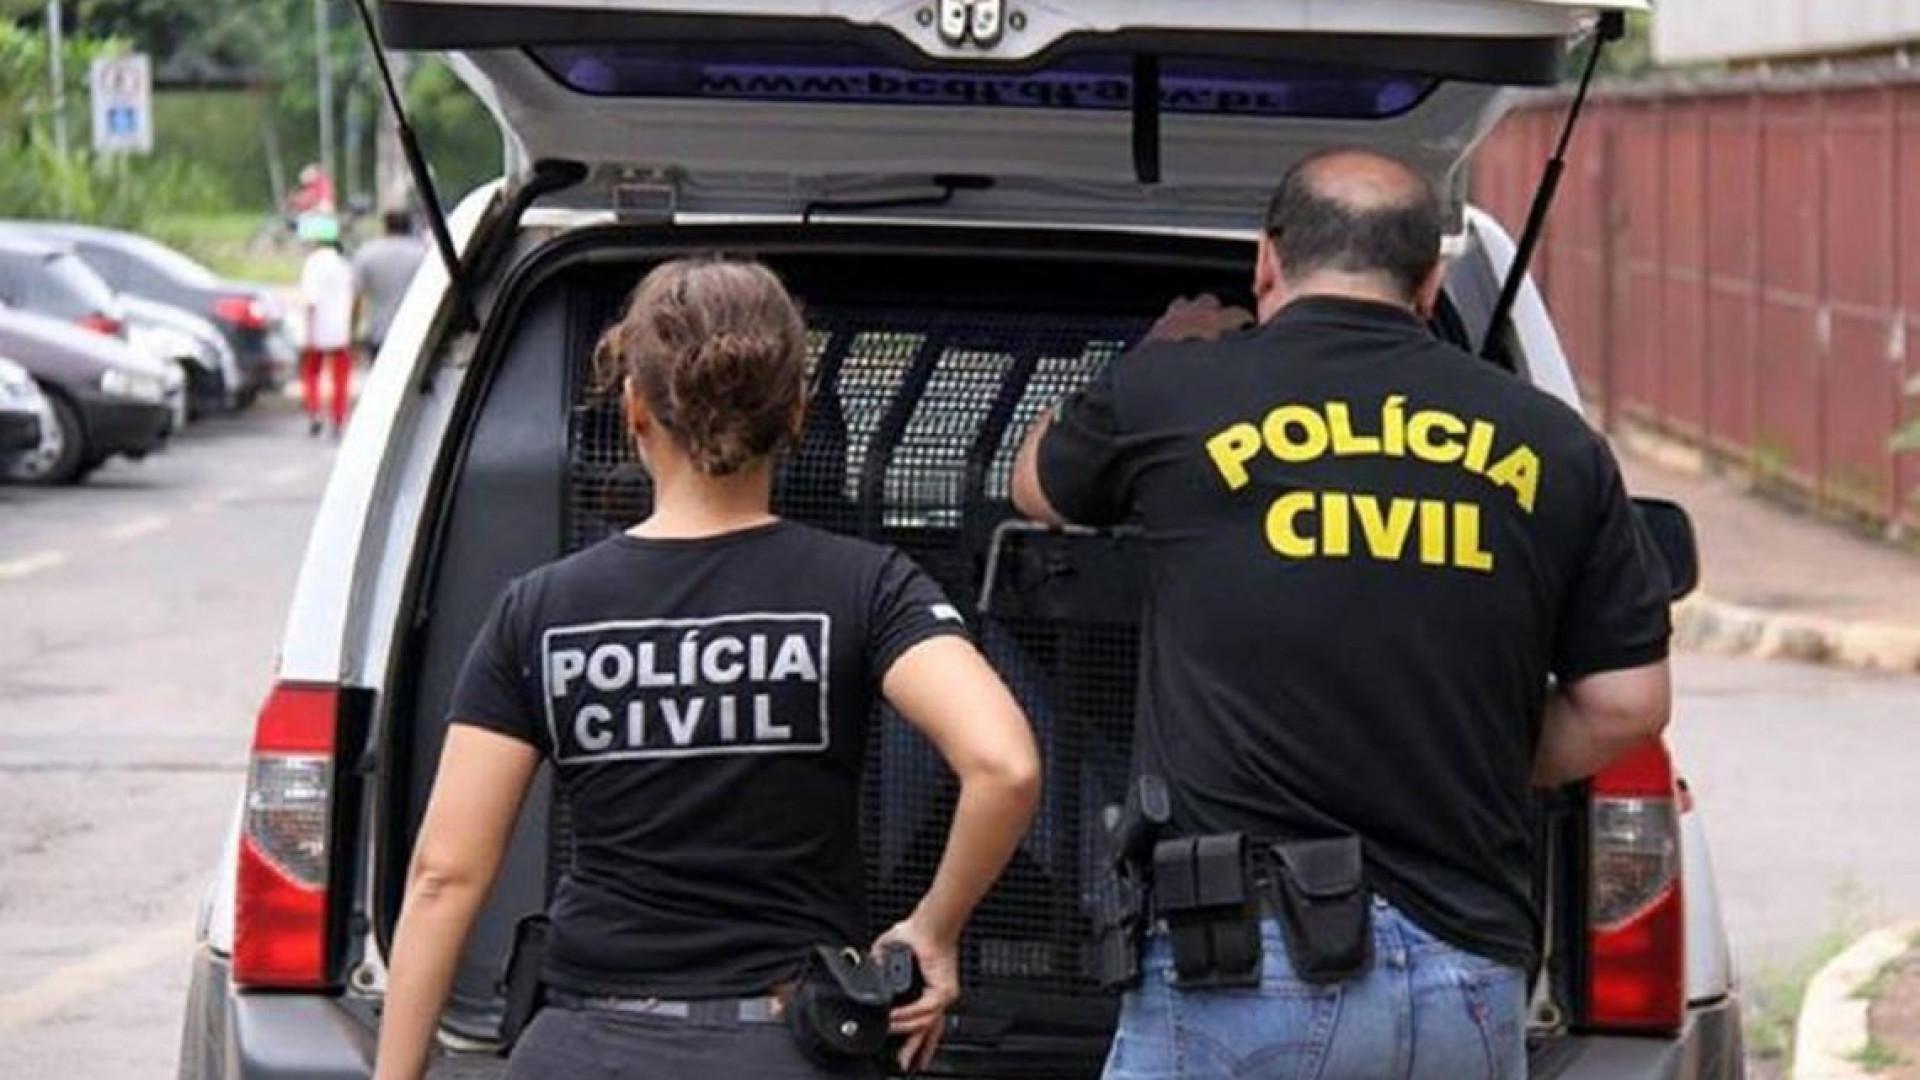 Policia faz operação para prender quadrilha que fraudava licitações